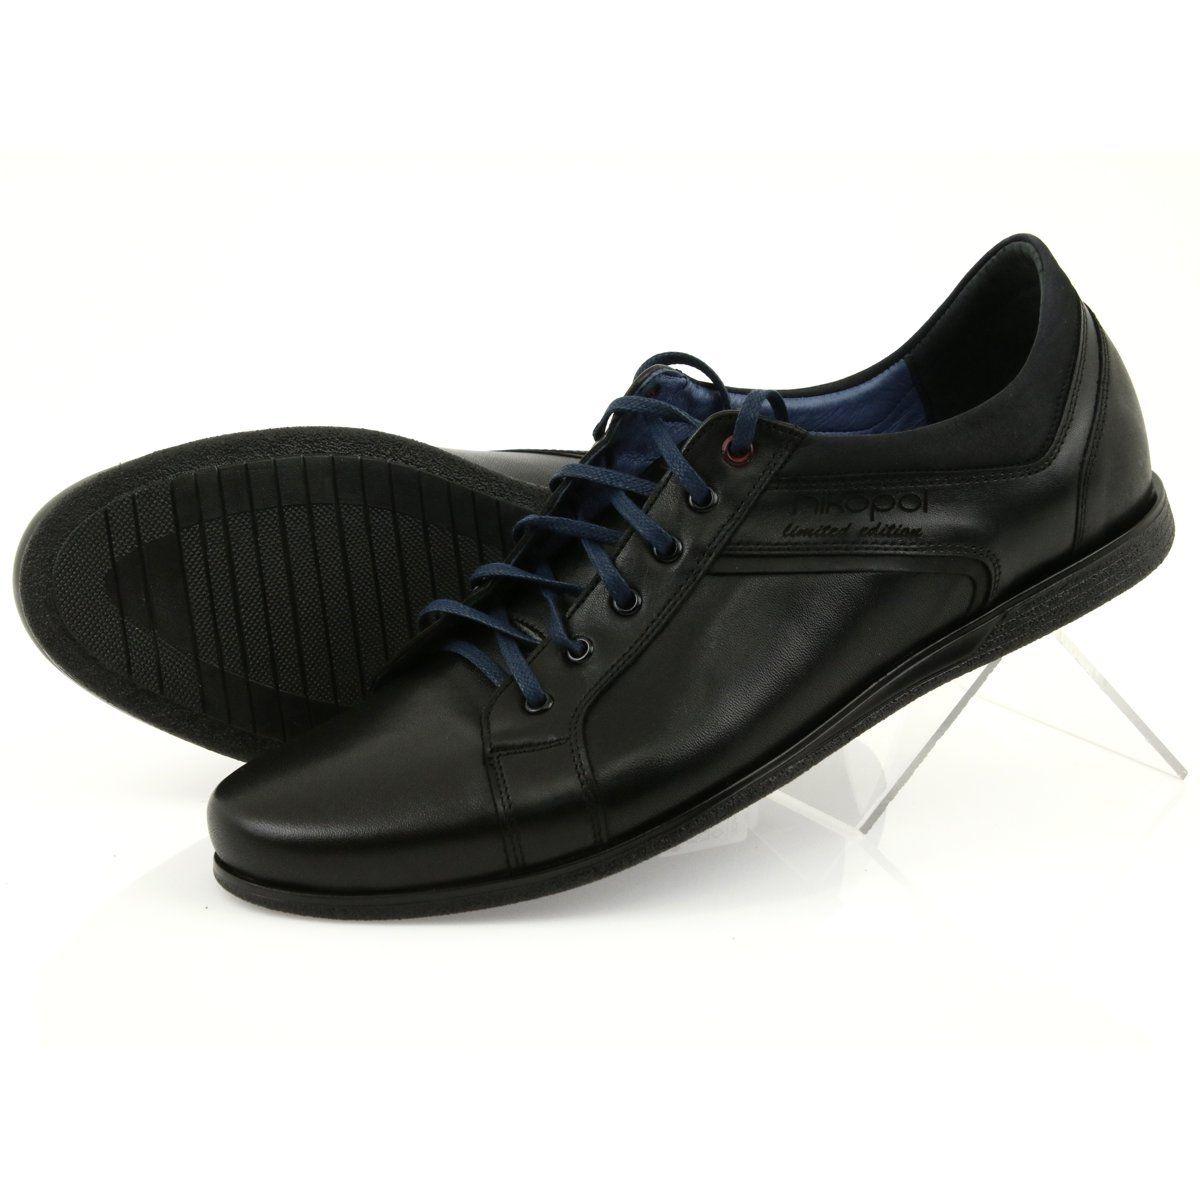 Polbuty Meskie Sportowe Nikopol 1703 Czarne Dress Shoes Men Dress Shoes Oxford Shoes